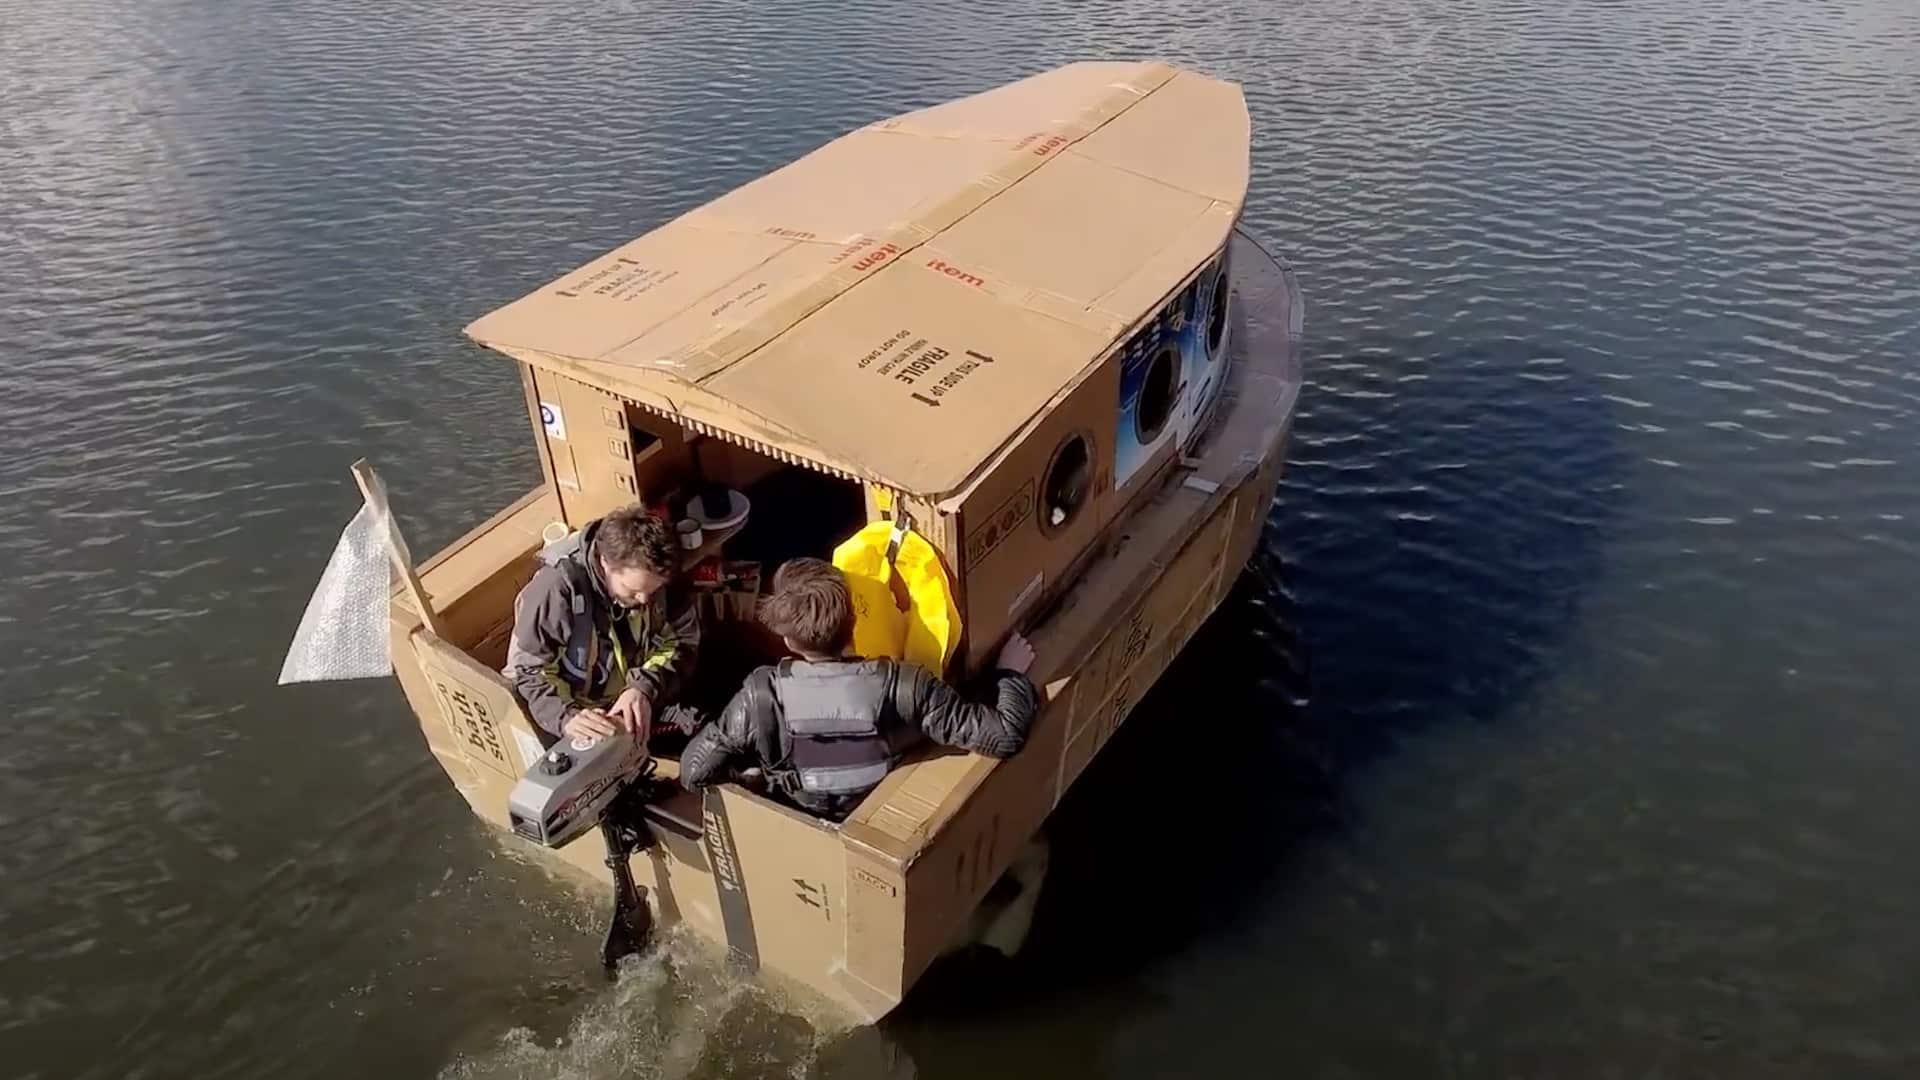 Båt av wellpapp